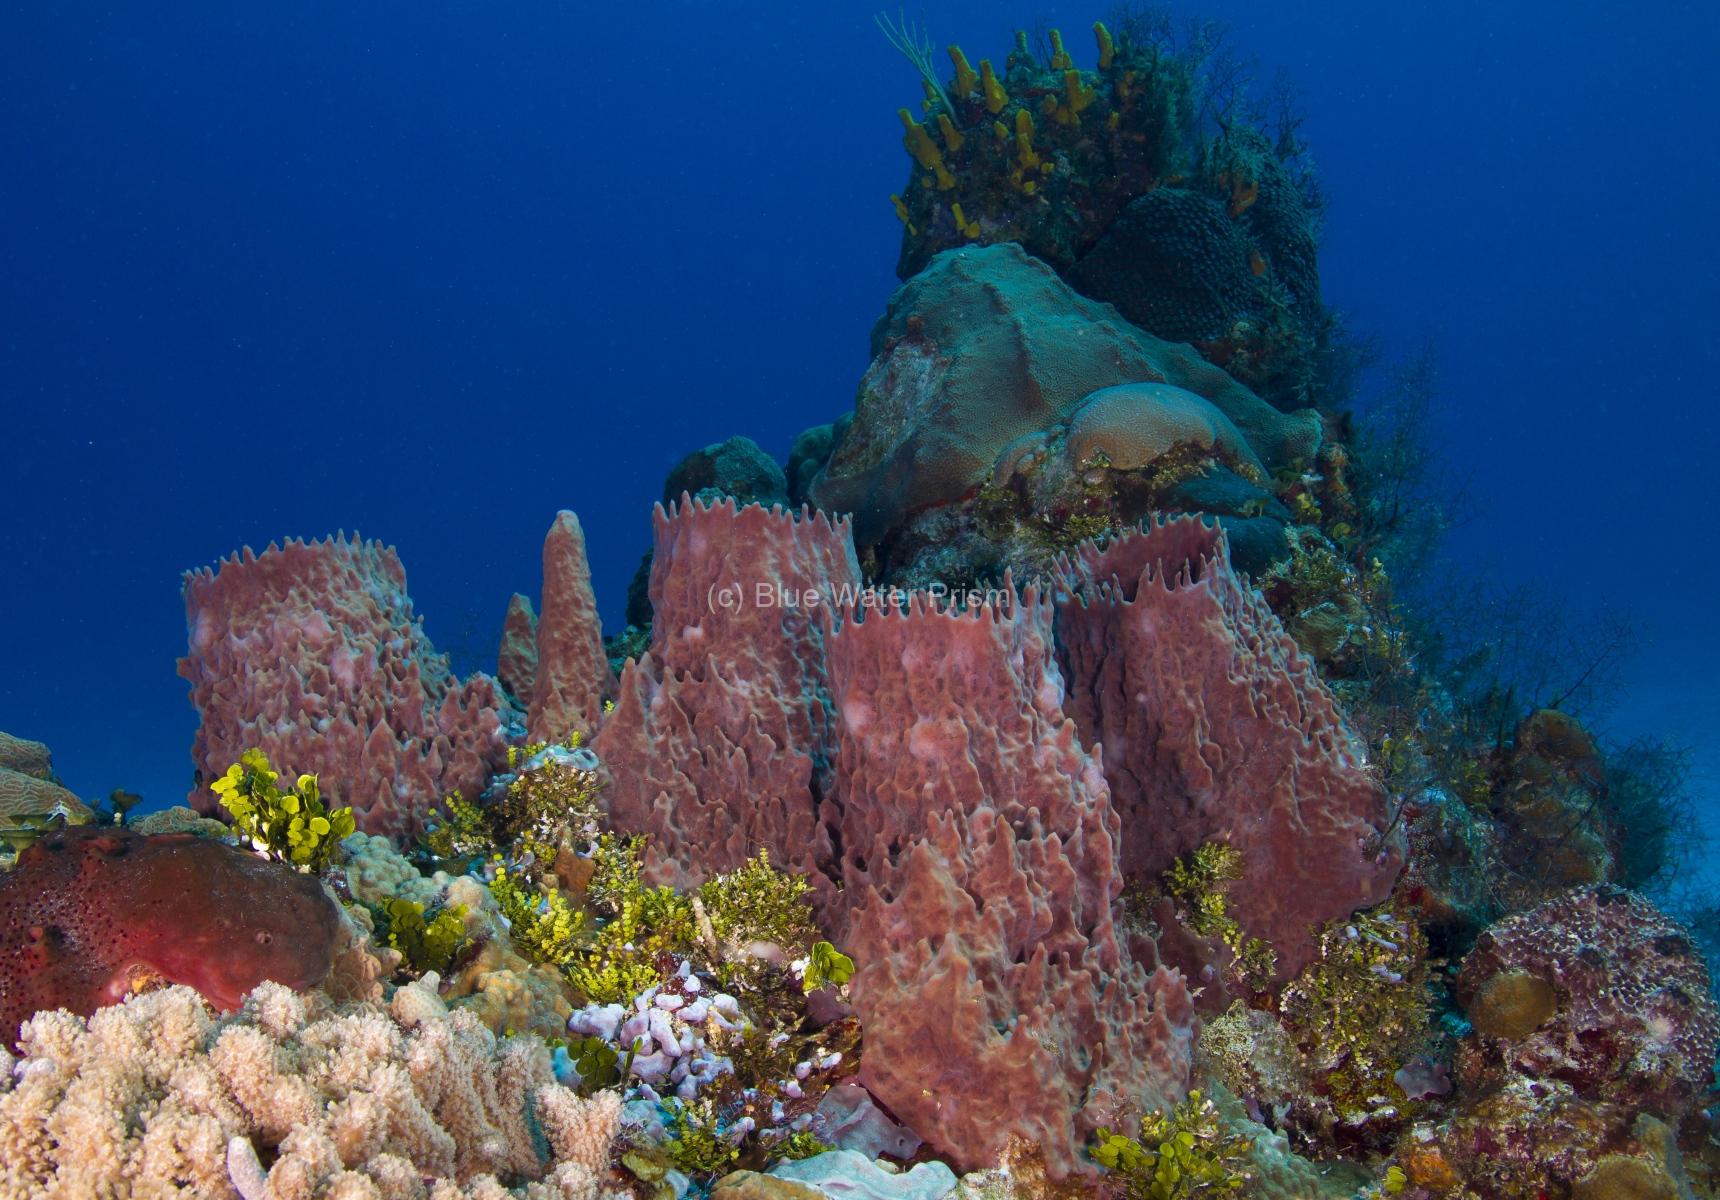 Sponges on Reef in Cozumel